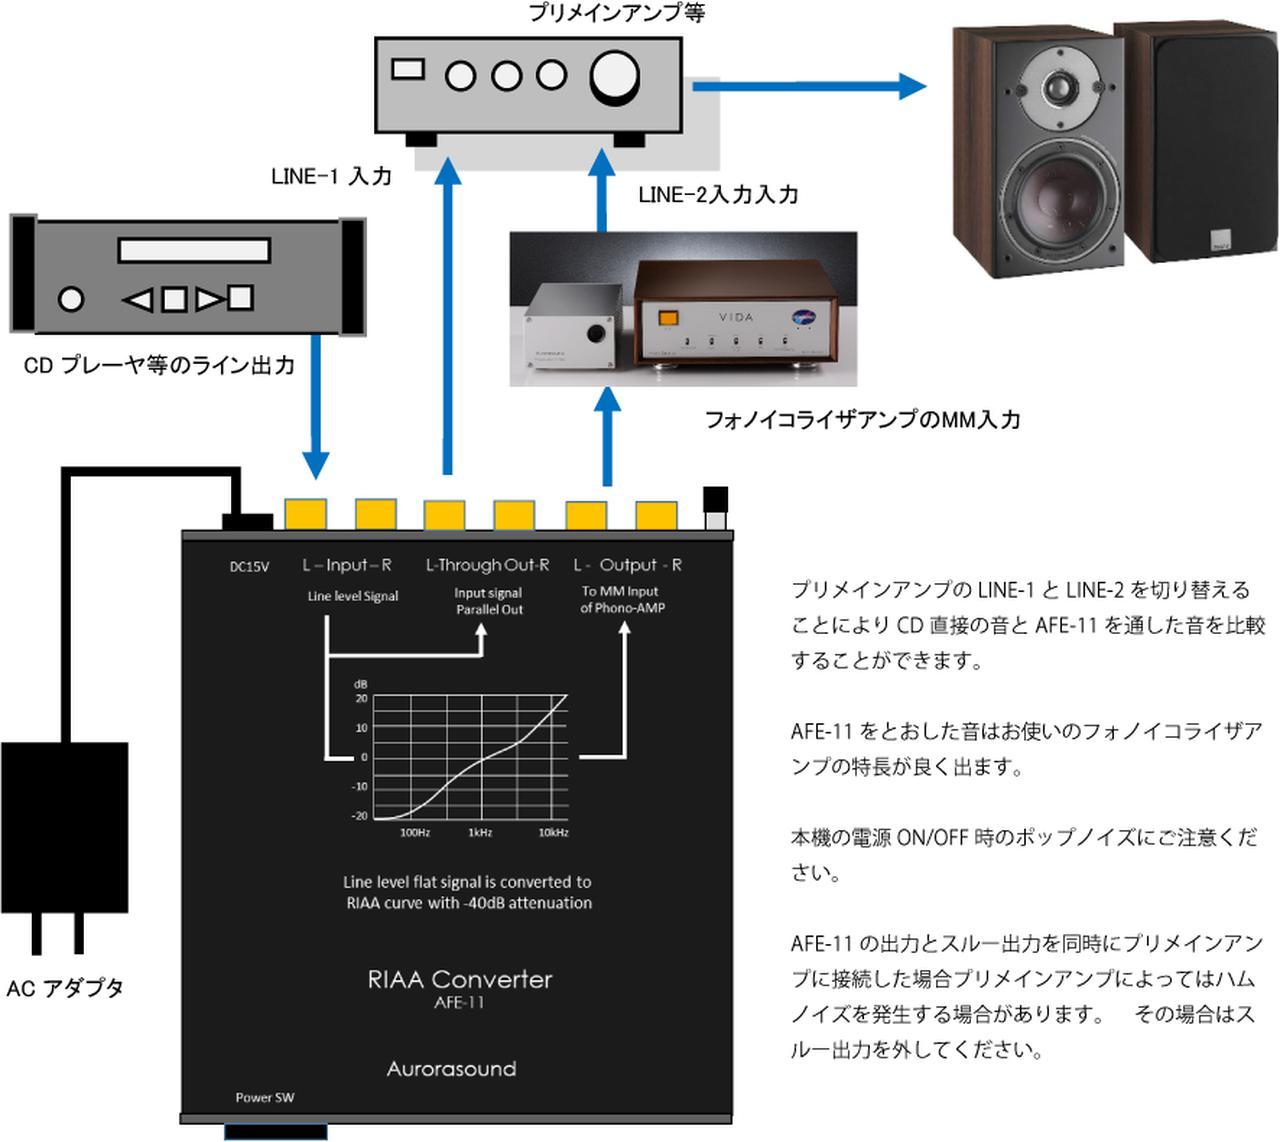 画像: AFE-11 - オーディオ・音響・PCオーディオ・アナログのAurorasound(オーロラサウンド)